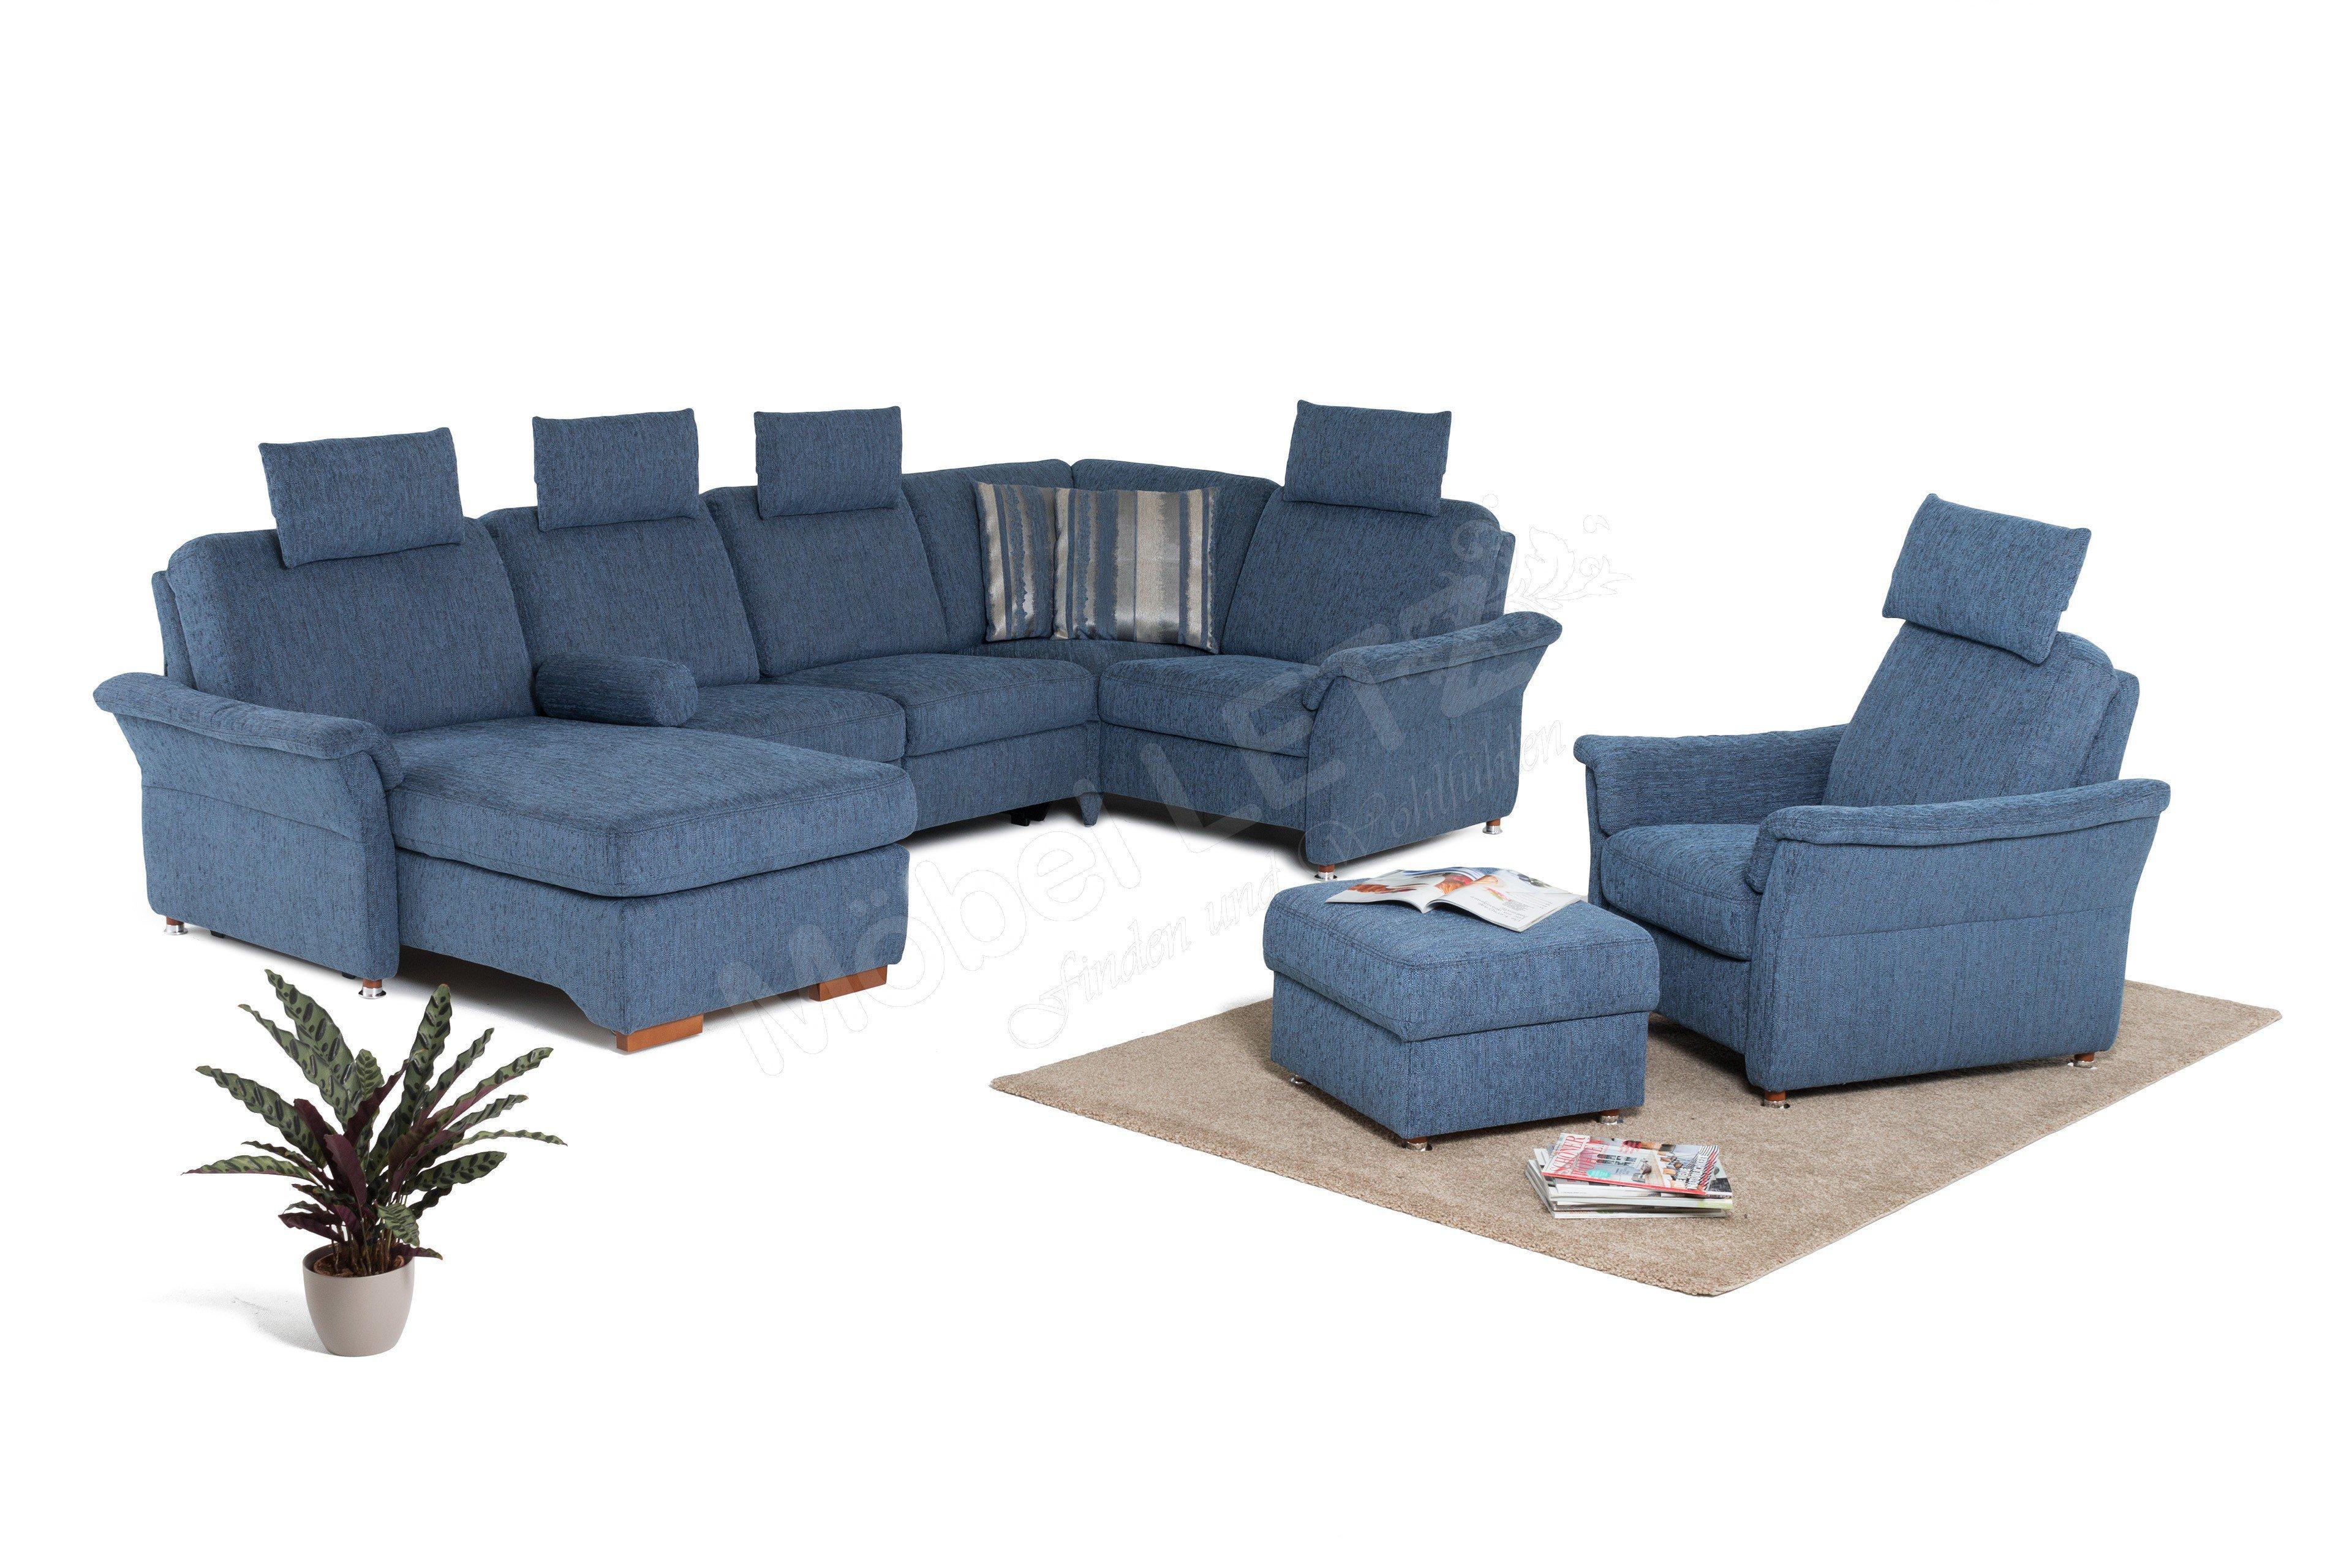 PM Oelsa Namo Polstergarnitur in Blau | Möbel Letz - Ihr Online-Shop